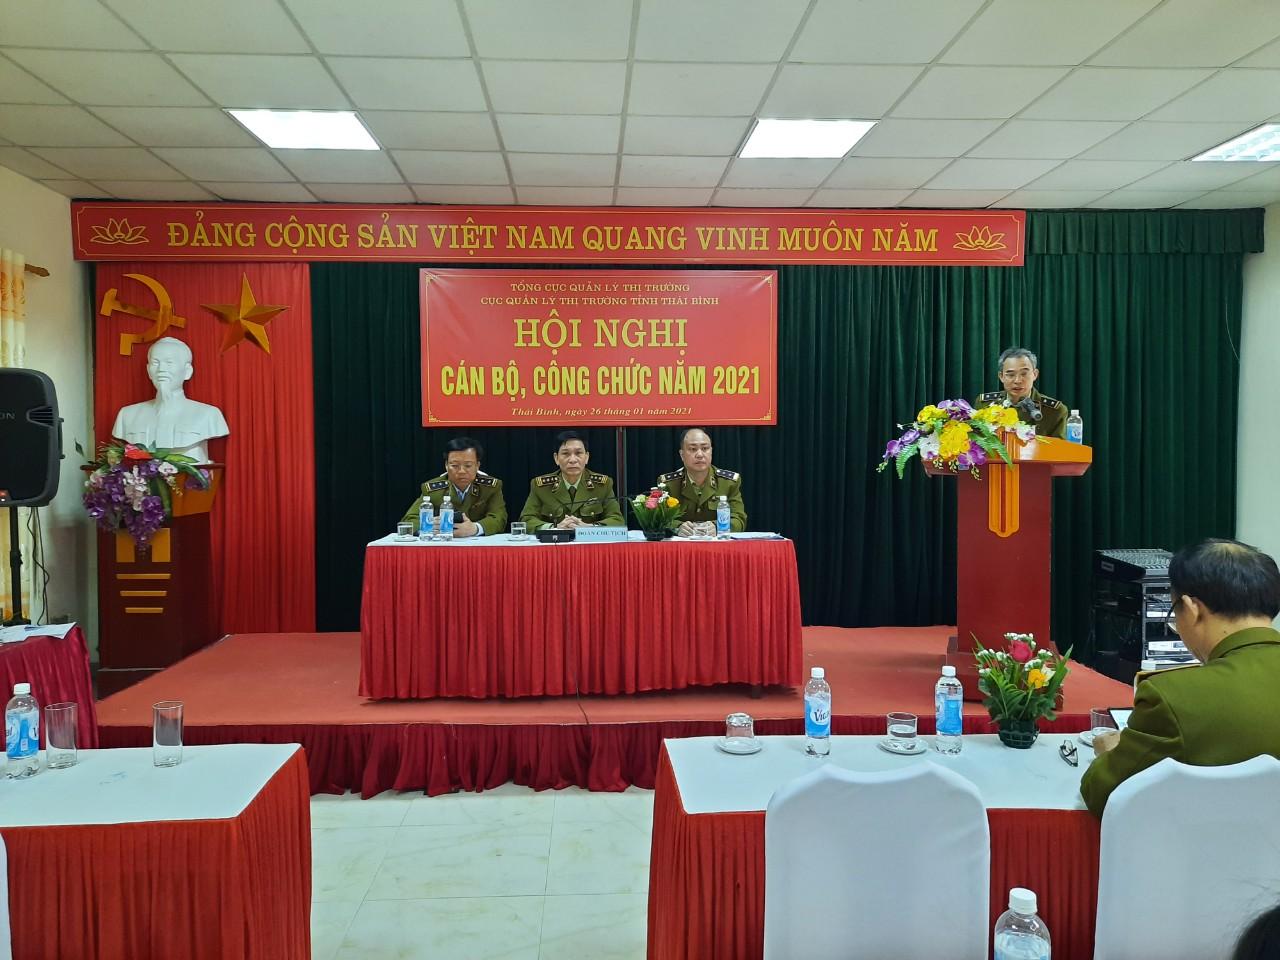 Cục QLTT Thái Bình: Tổ chức Hội nghị cán bộ công chức năm 2021